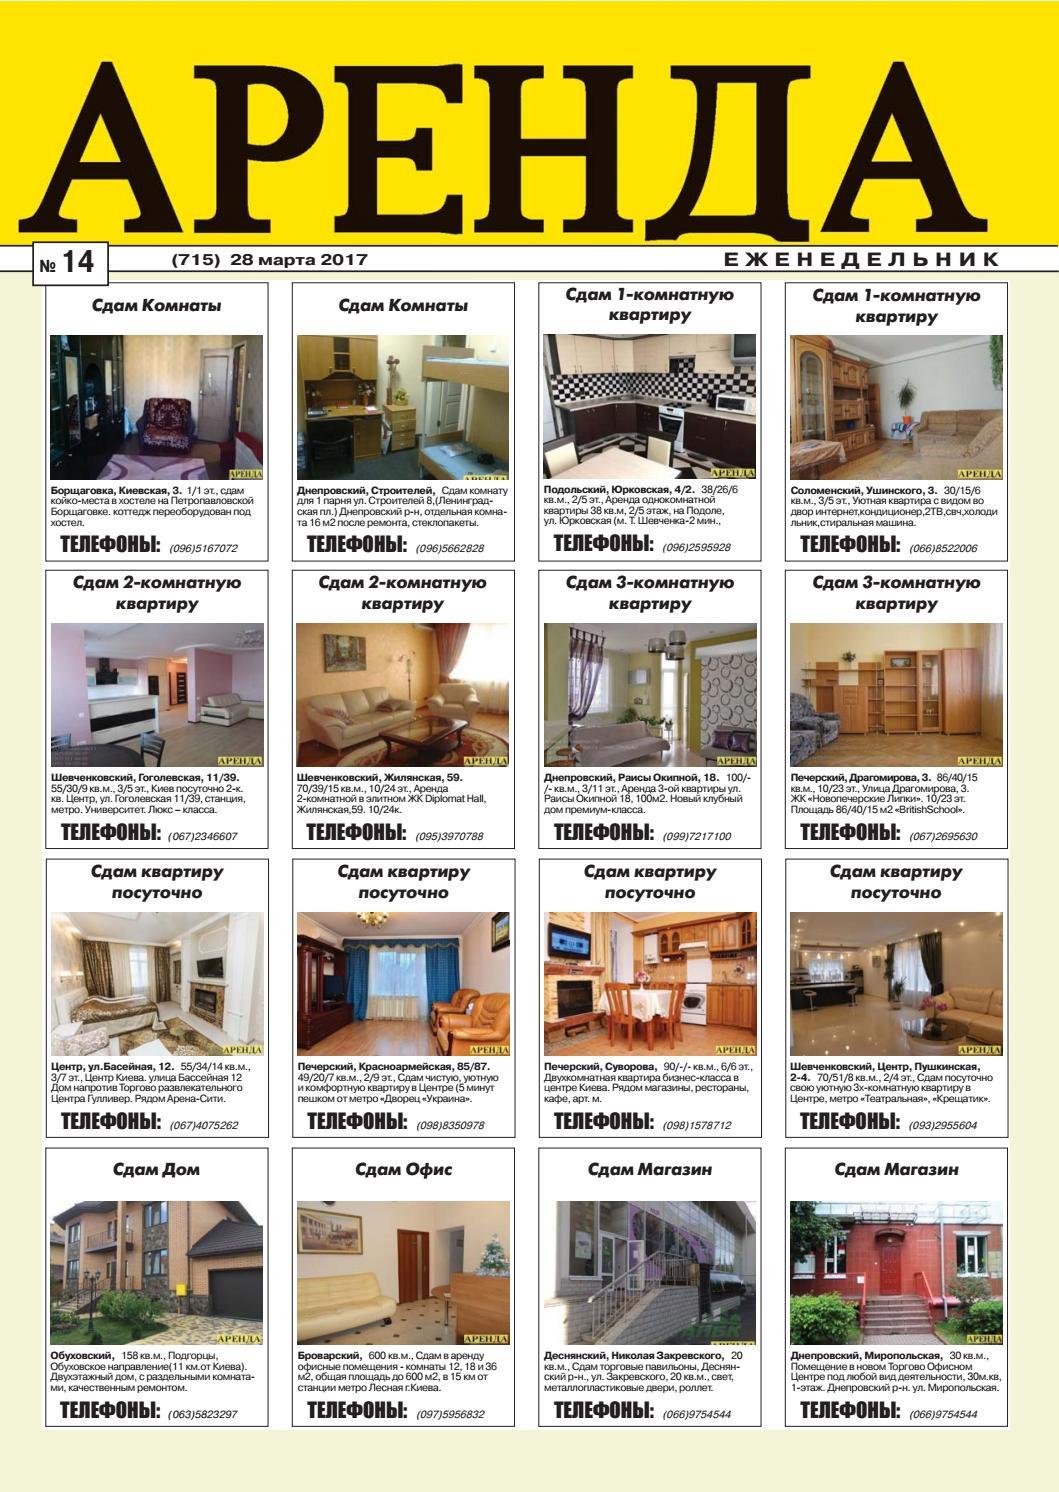 Газета порт-амур объявления услуги сантехника элитная сантехника душевые кабины гидромассажные ванны